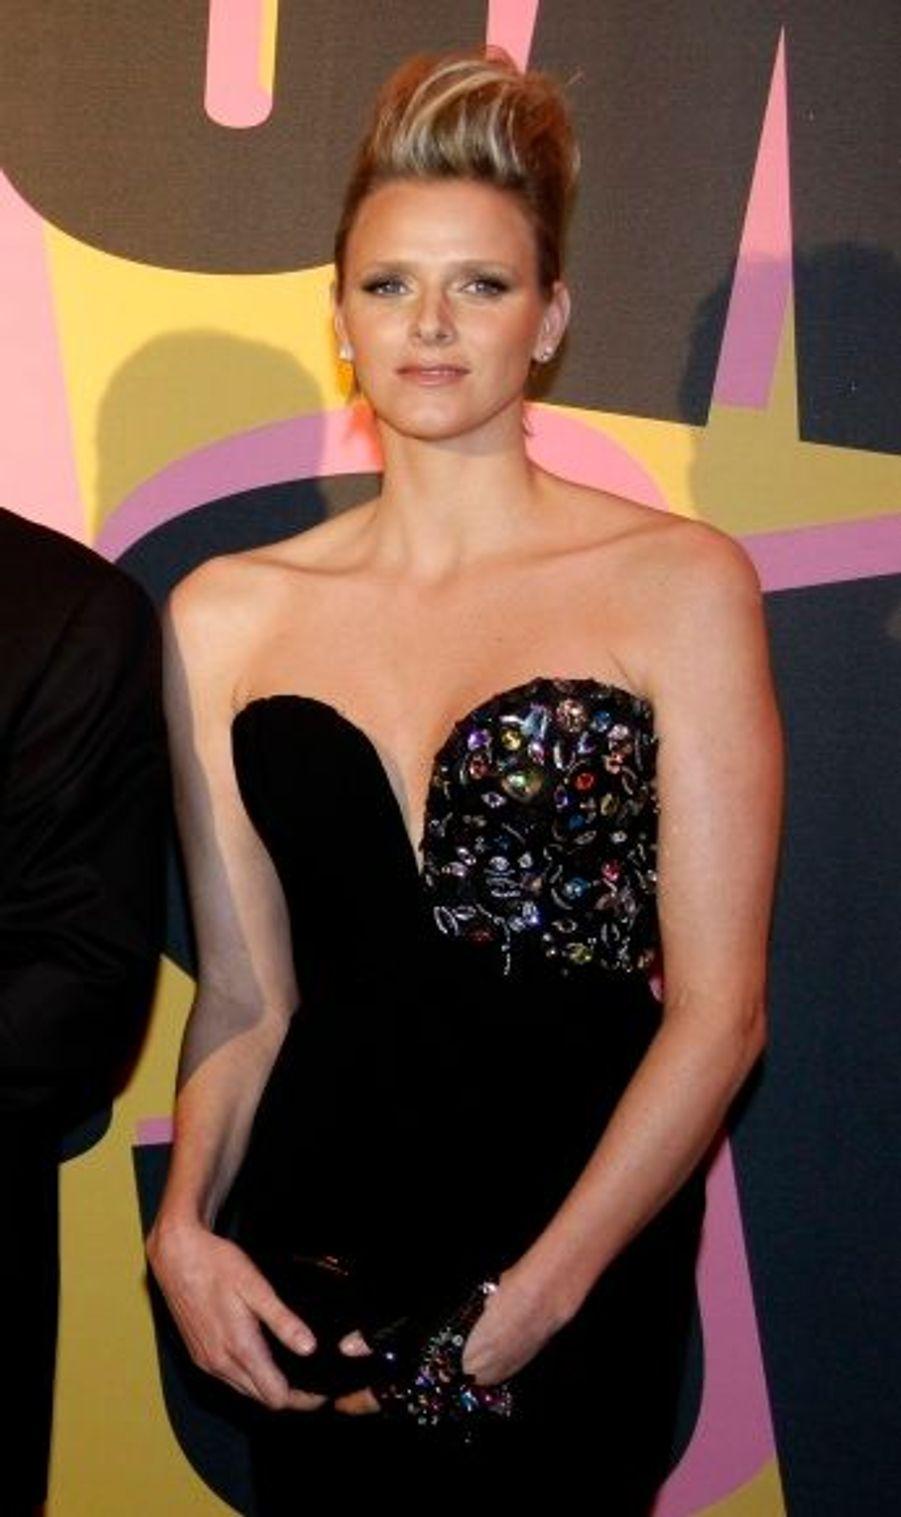 Le style de la fiancée du prince Albert a évolué l'année suivante. Pour assister au bal de la Rose à Monte Carlo, Charlene avait misé sur un élégant bustier brodé de perles colorées Armani, modernisé par une coupe courte coiffée en brosse.